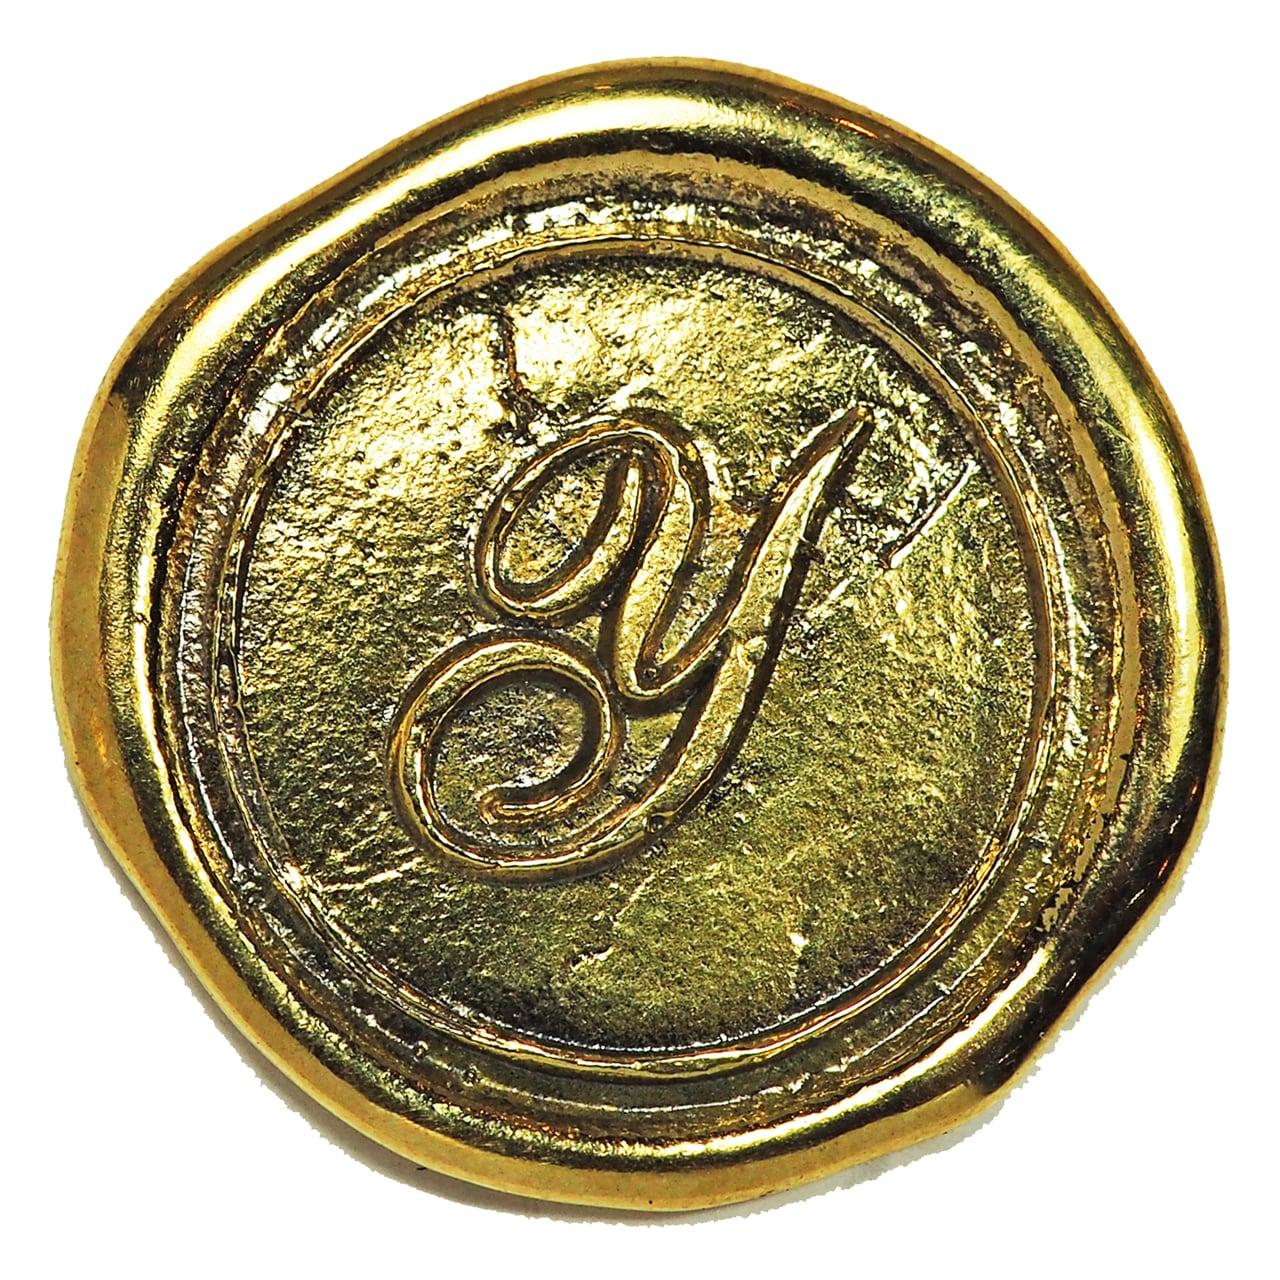 シーリングイニシャル LL 〈Y〉 ブラス / コンチョボタン